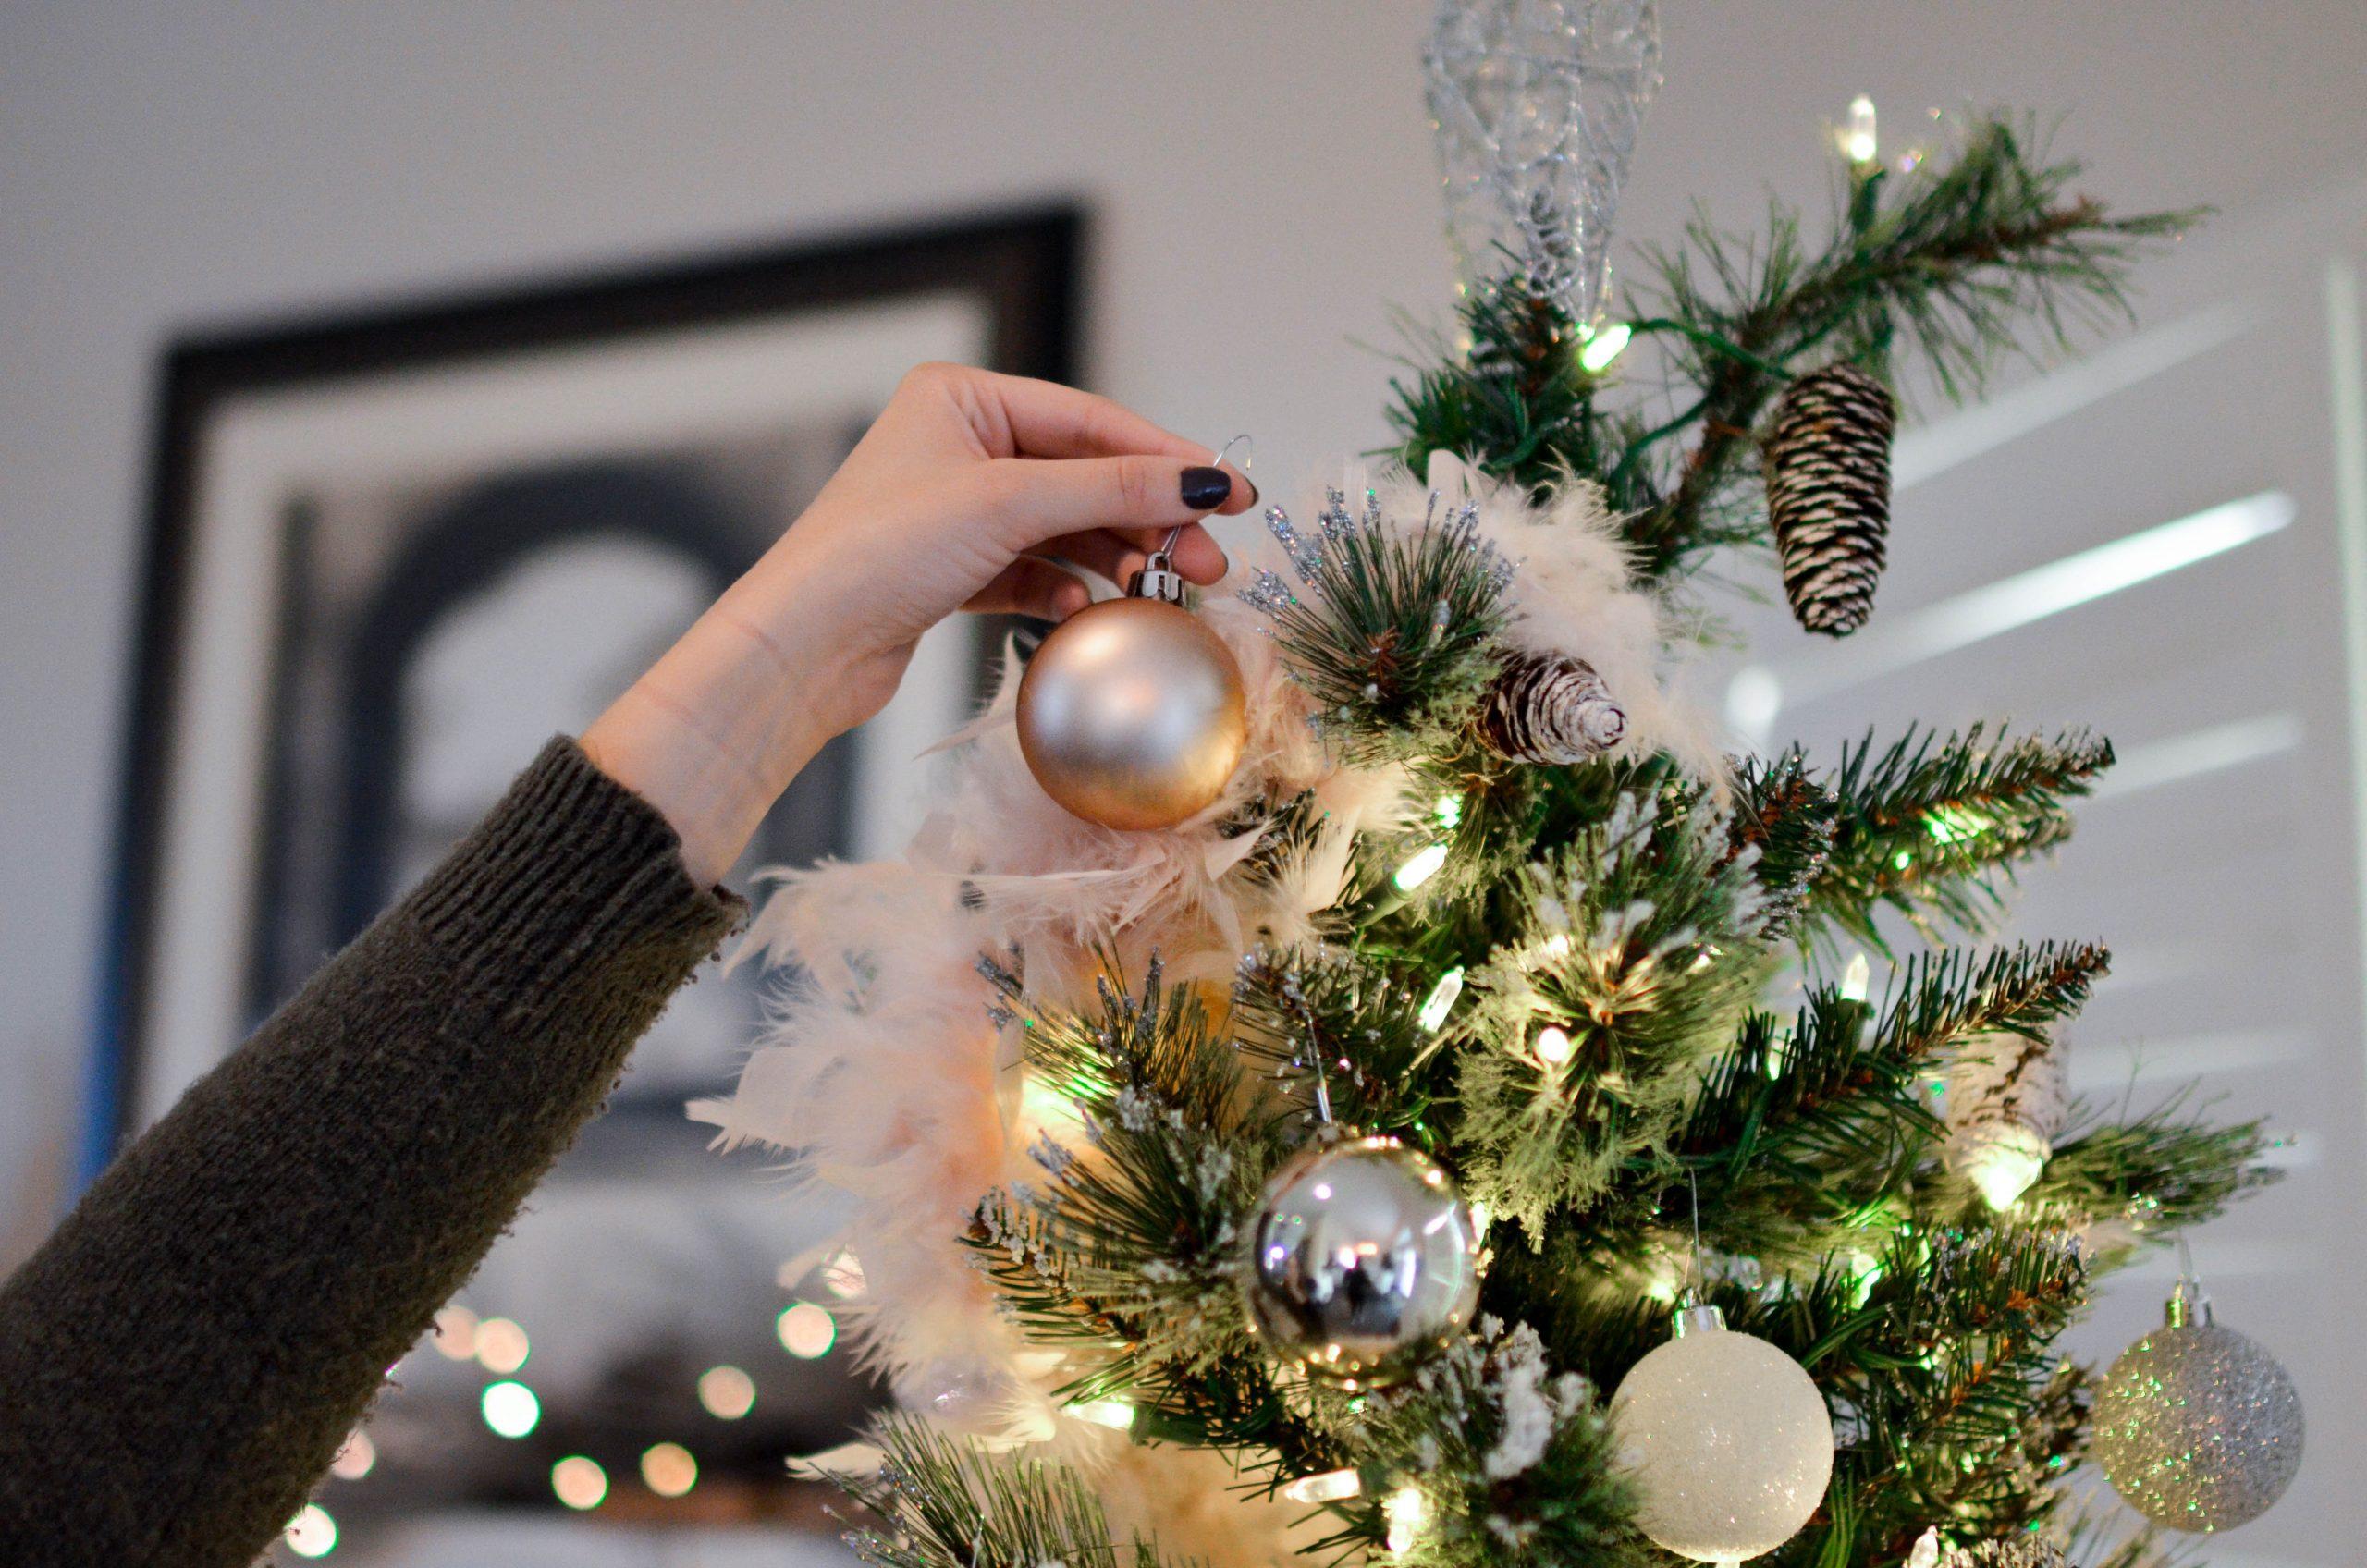 Mano de mujer colocando bonba de decoracion en arbol de navidad